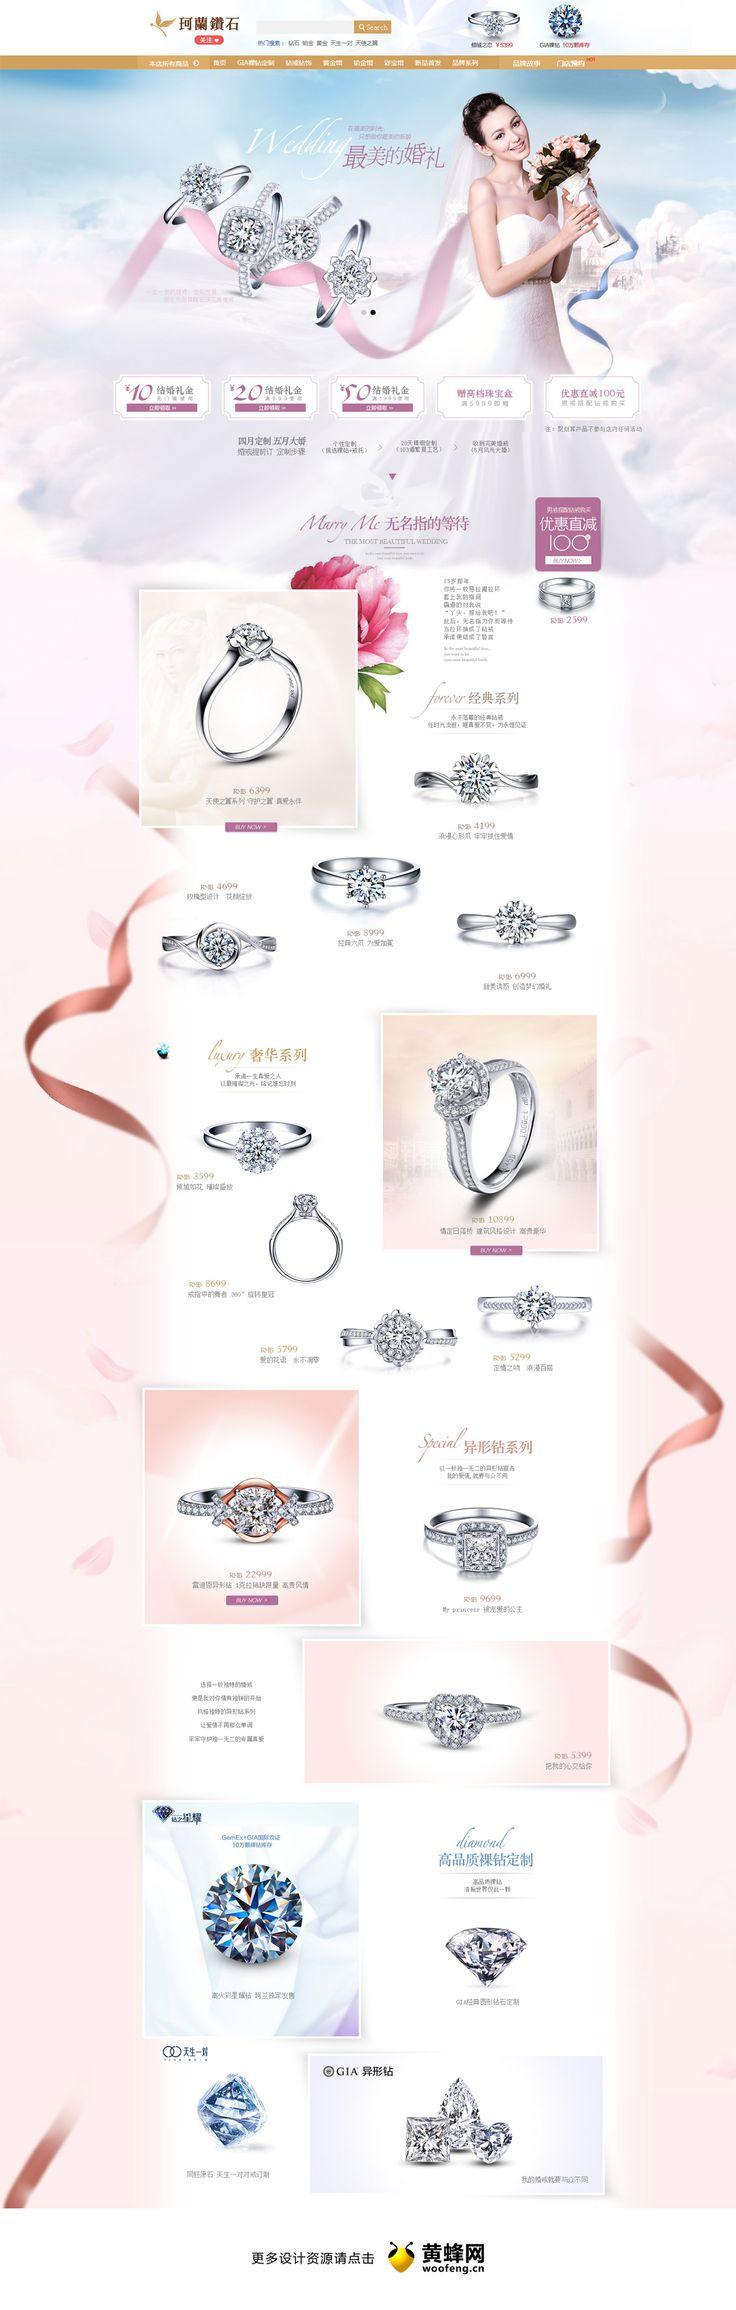 珂兰钻石店铺首页设计,来源自黄蜂网http://woofeng.cn/